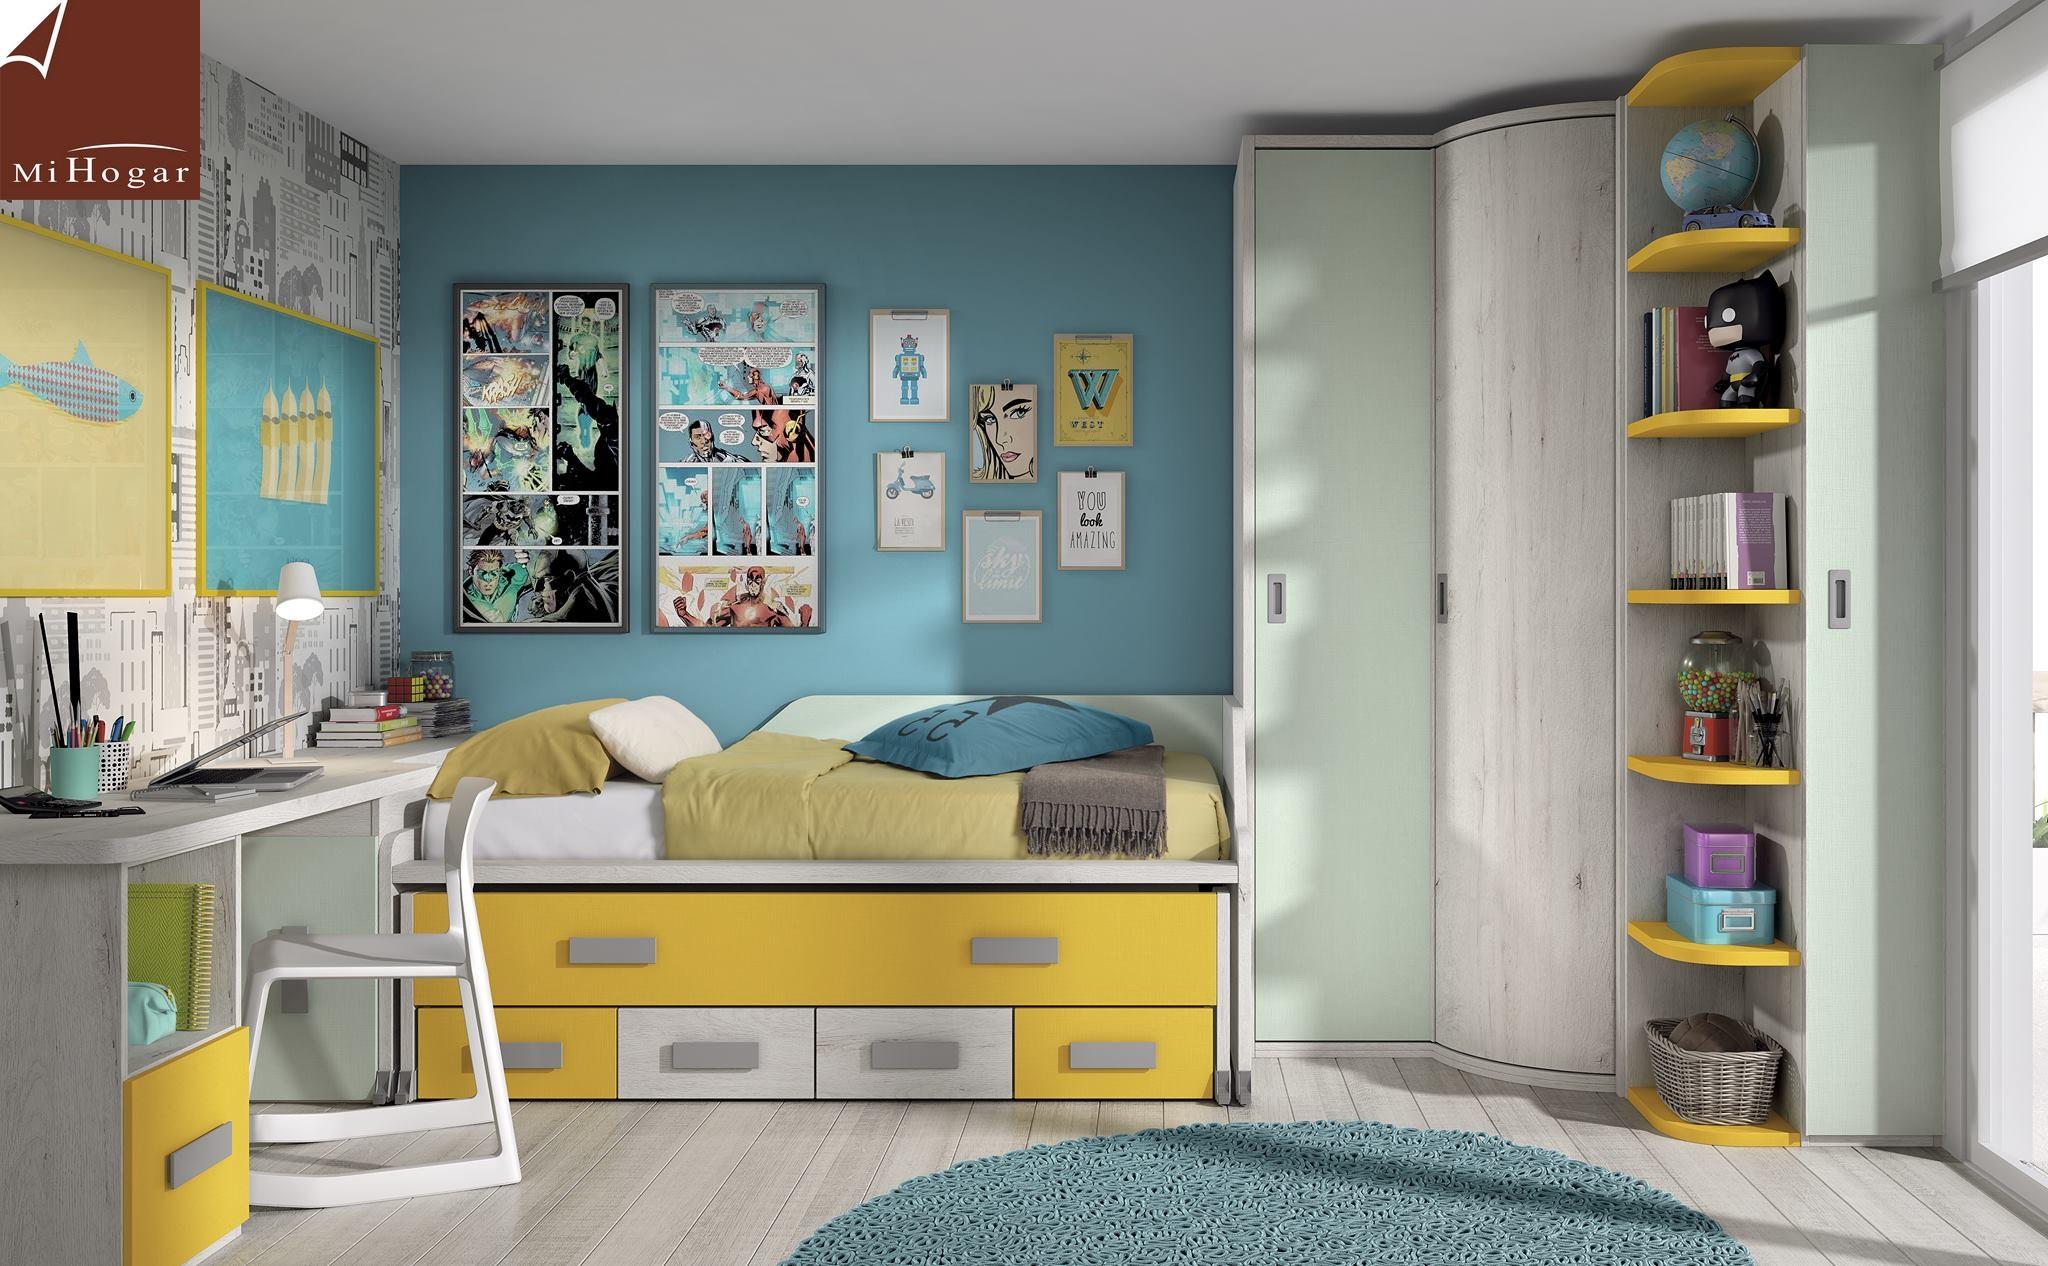 Armario rinc n puertas correderas mox muebles mi hogar - Camas dormitorios infantiles ...